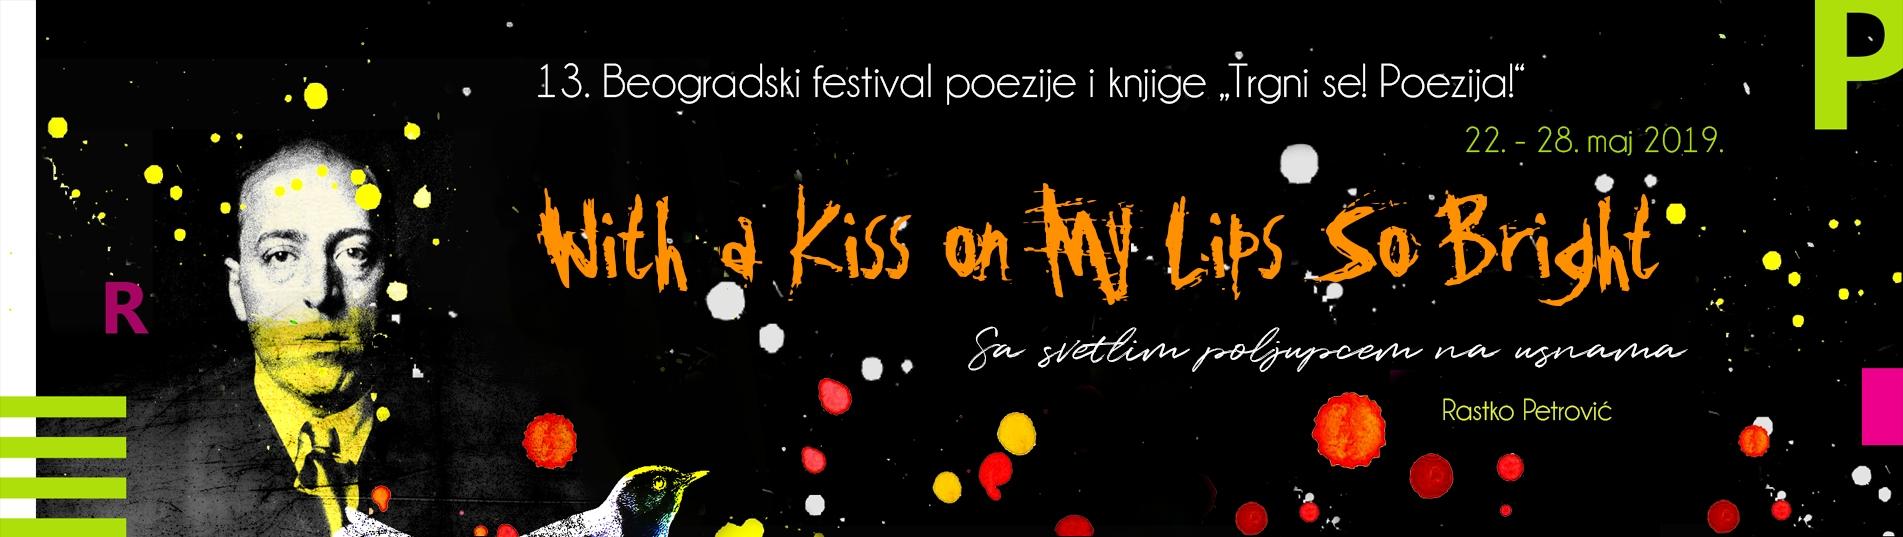 festival poezije